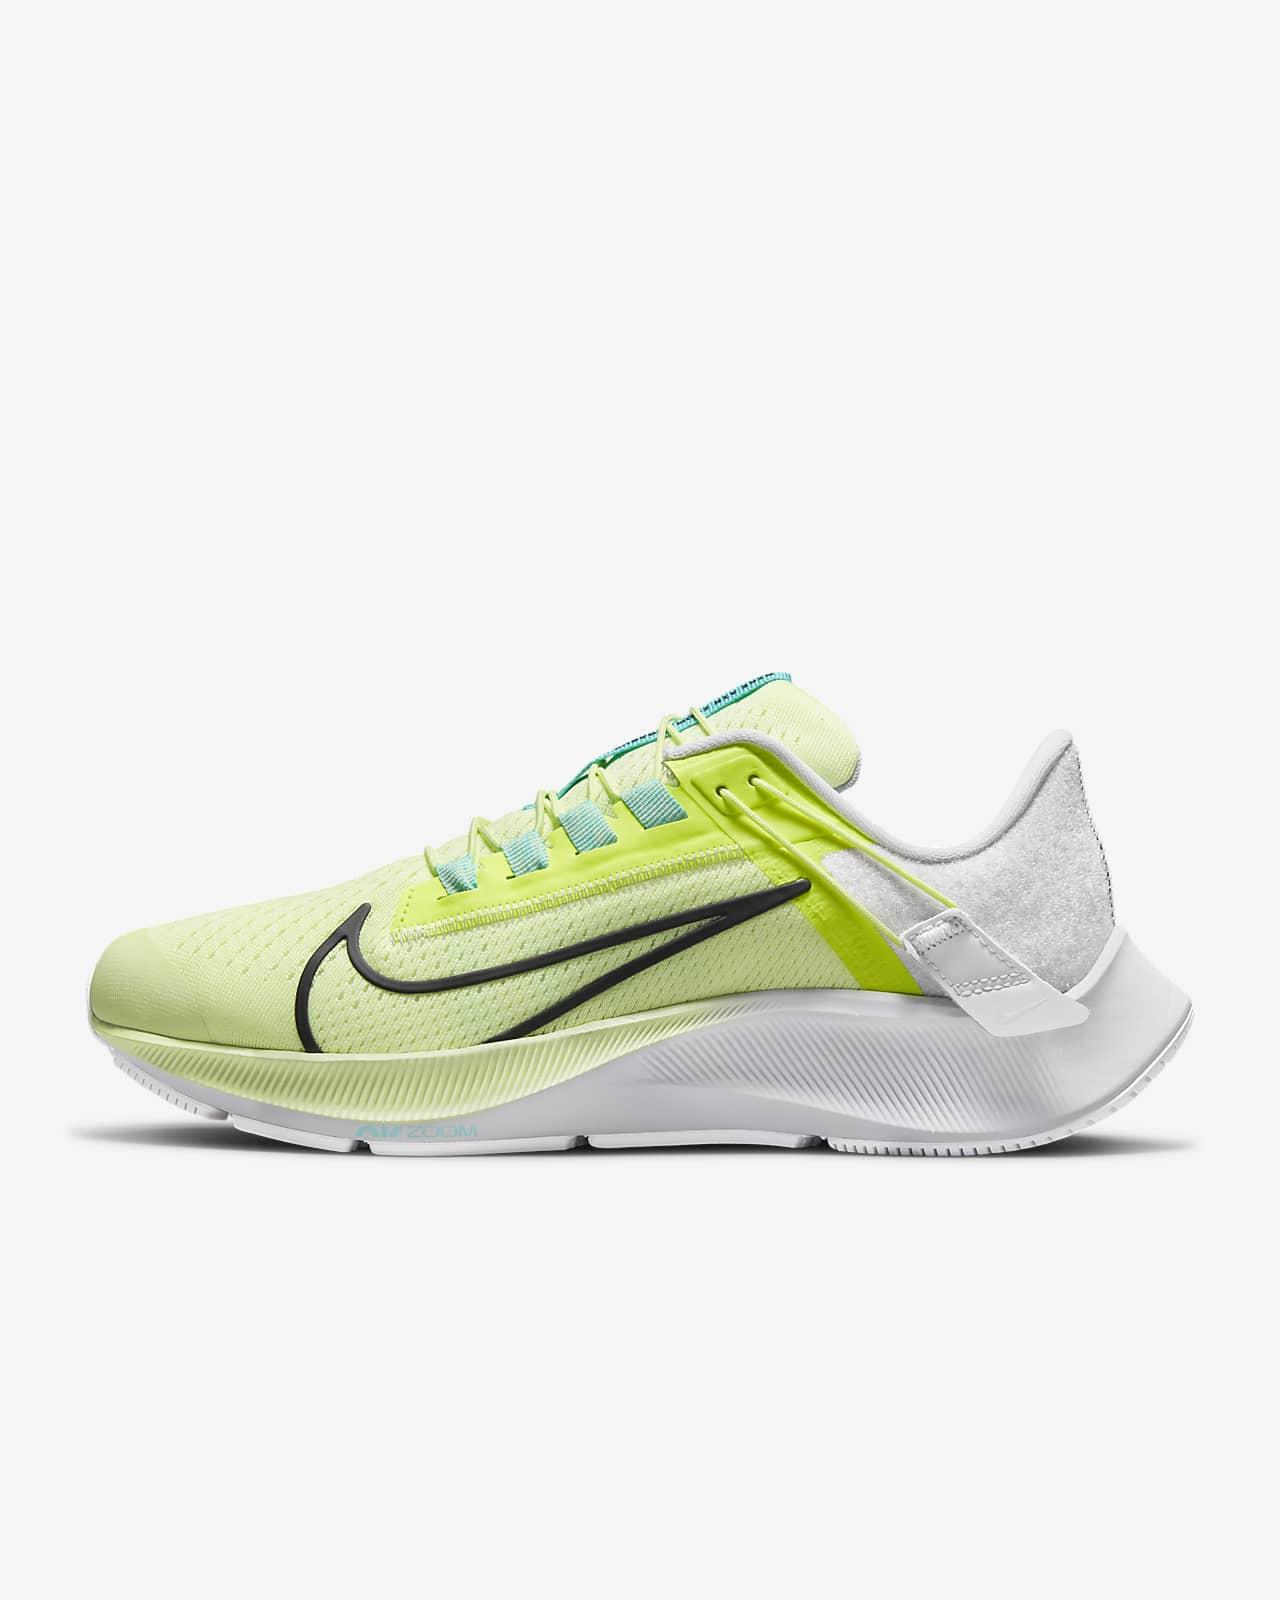 Sapatilhas de running para estrada fáceis de calçar/descalçar Nike Air Zoom Pegasus 38 FlyEase para mulher